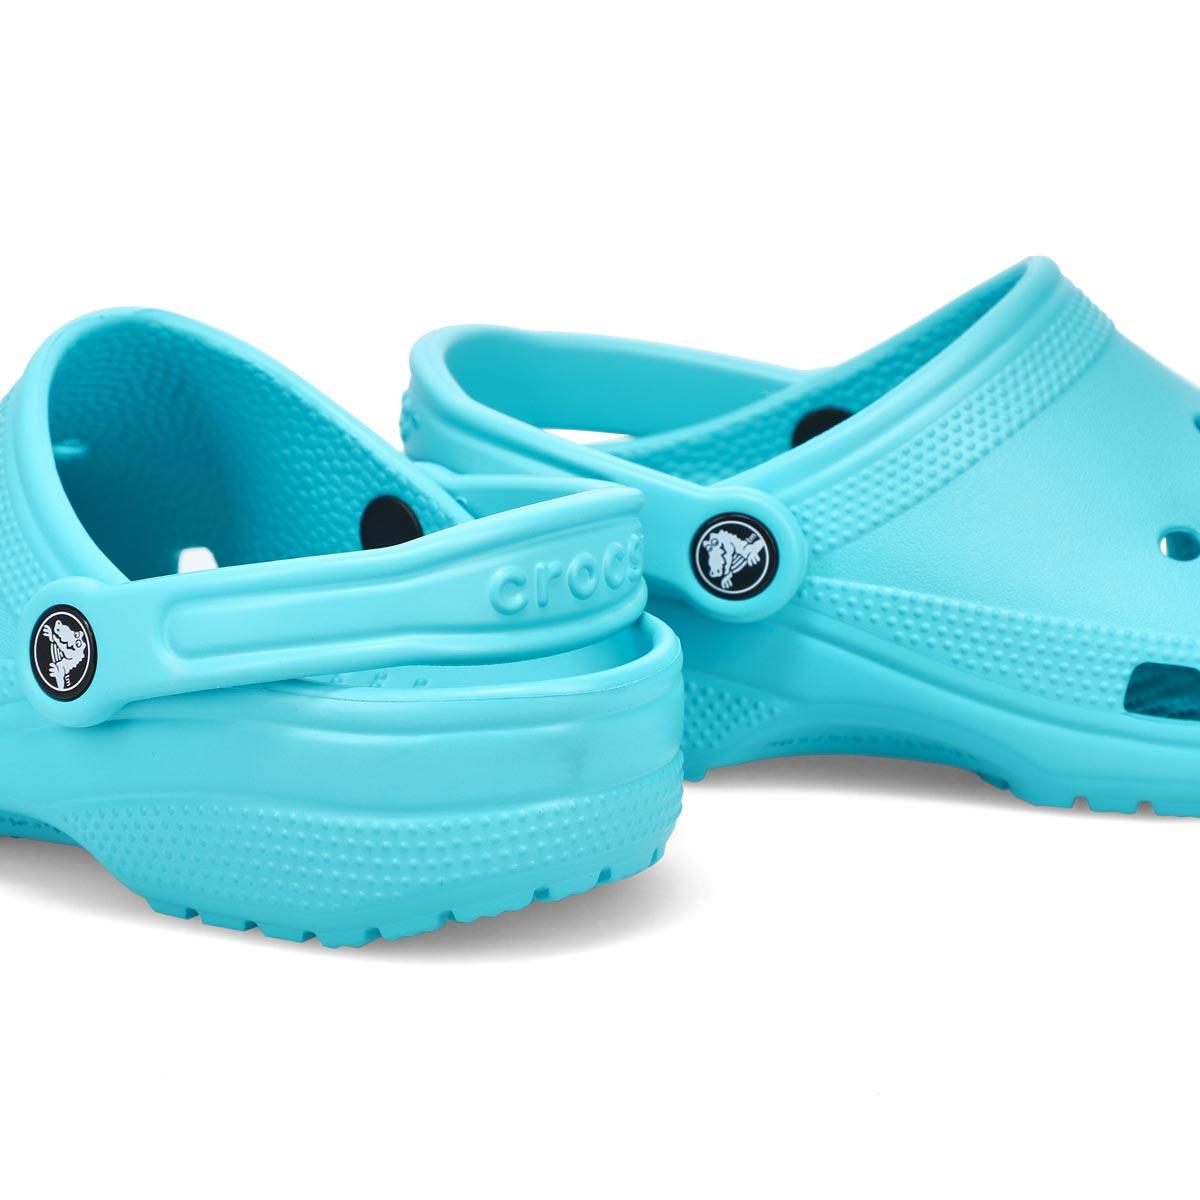 Women's Classic EVA Comfort Clog - Aqua